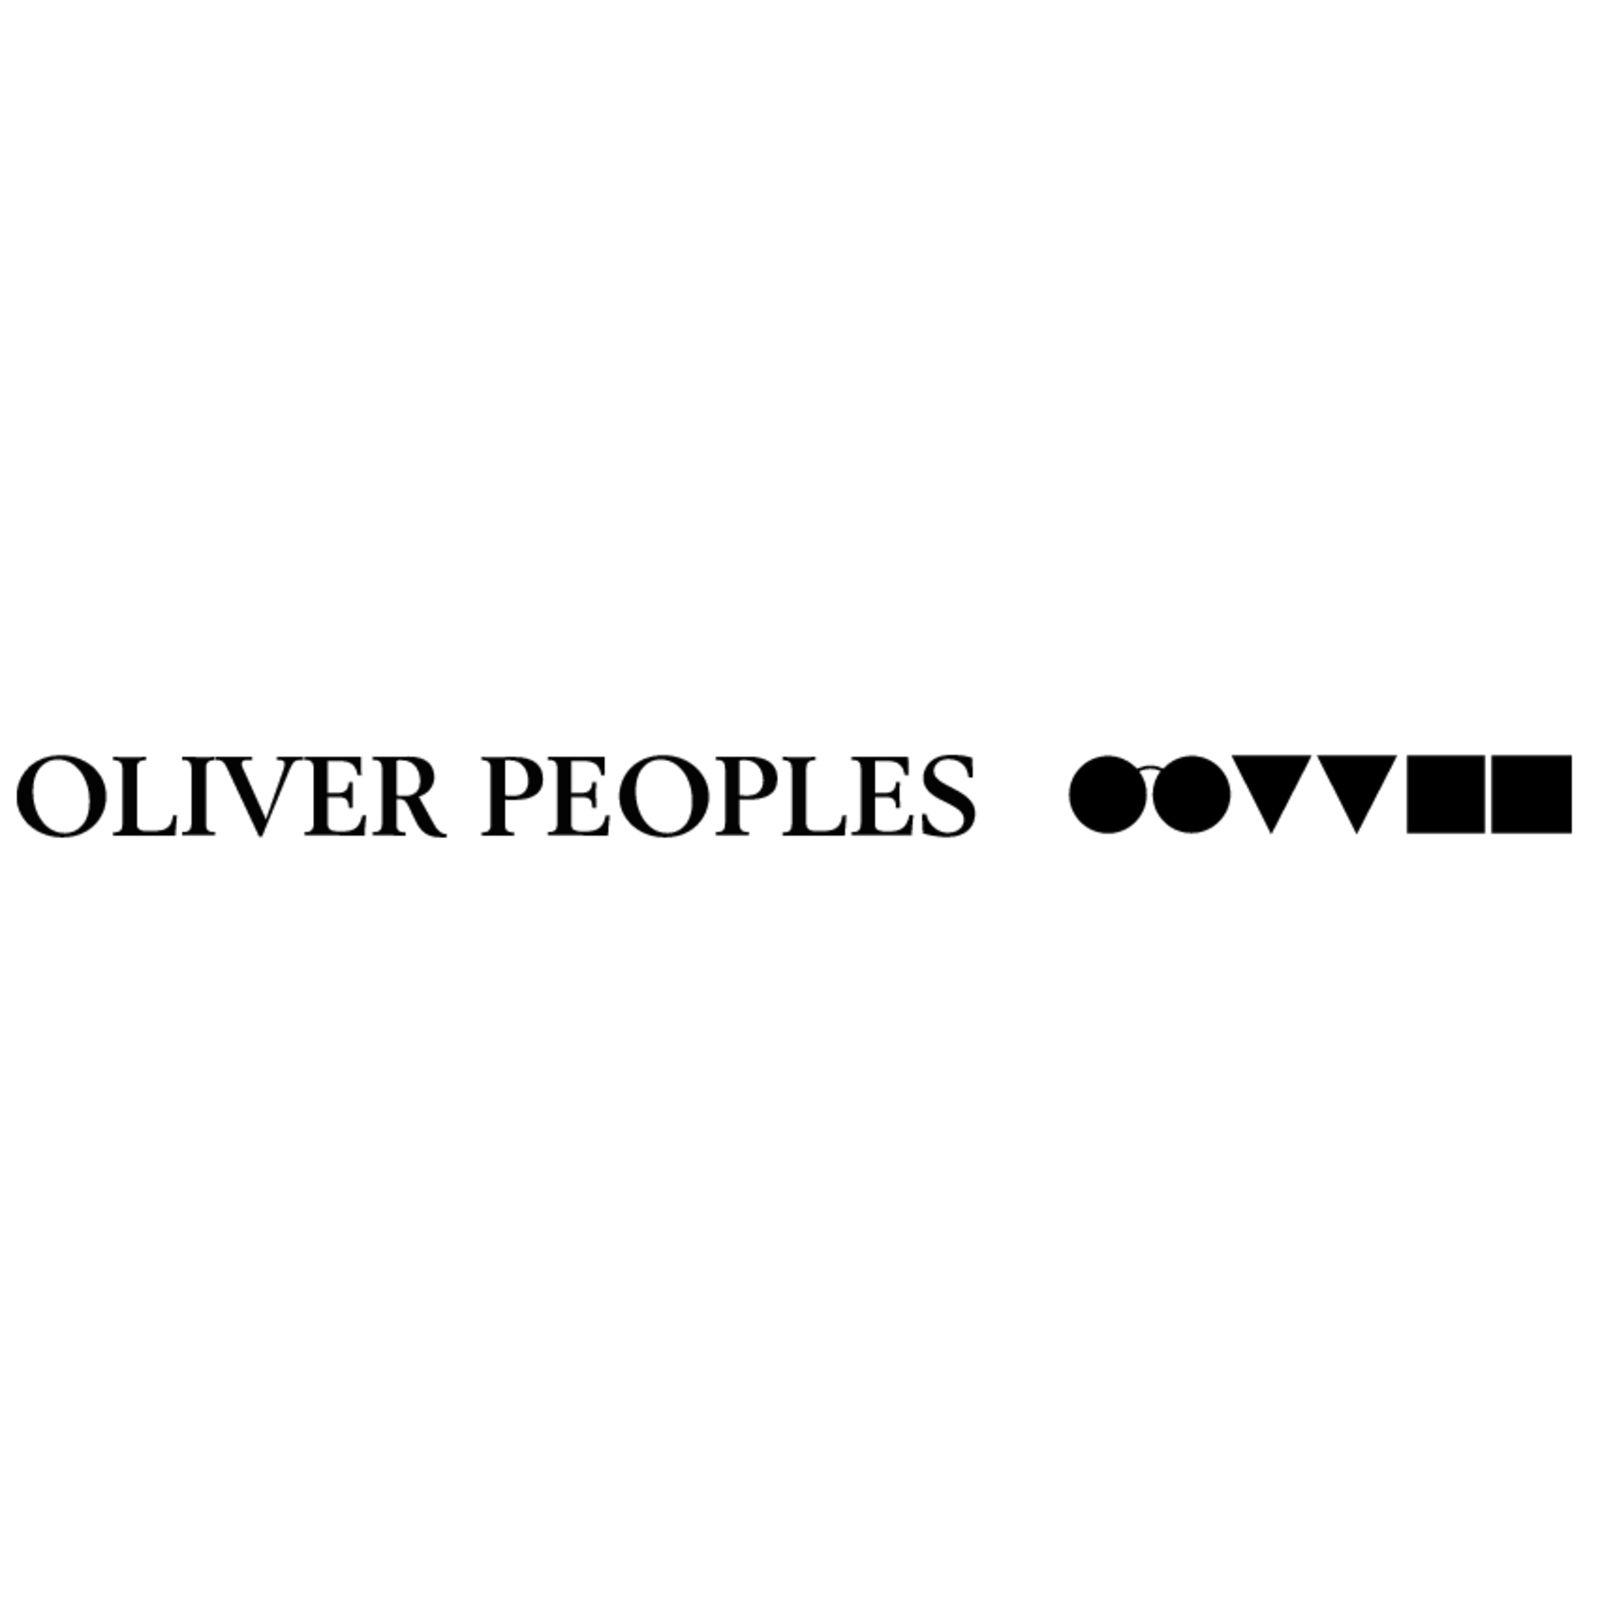 OLIVER PEOPLES Vintage